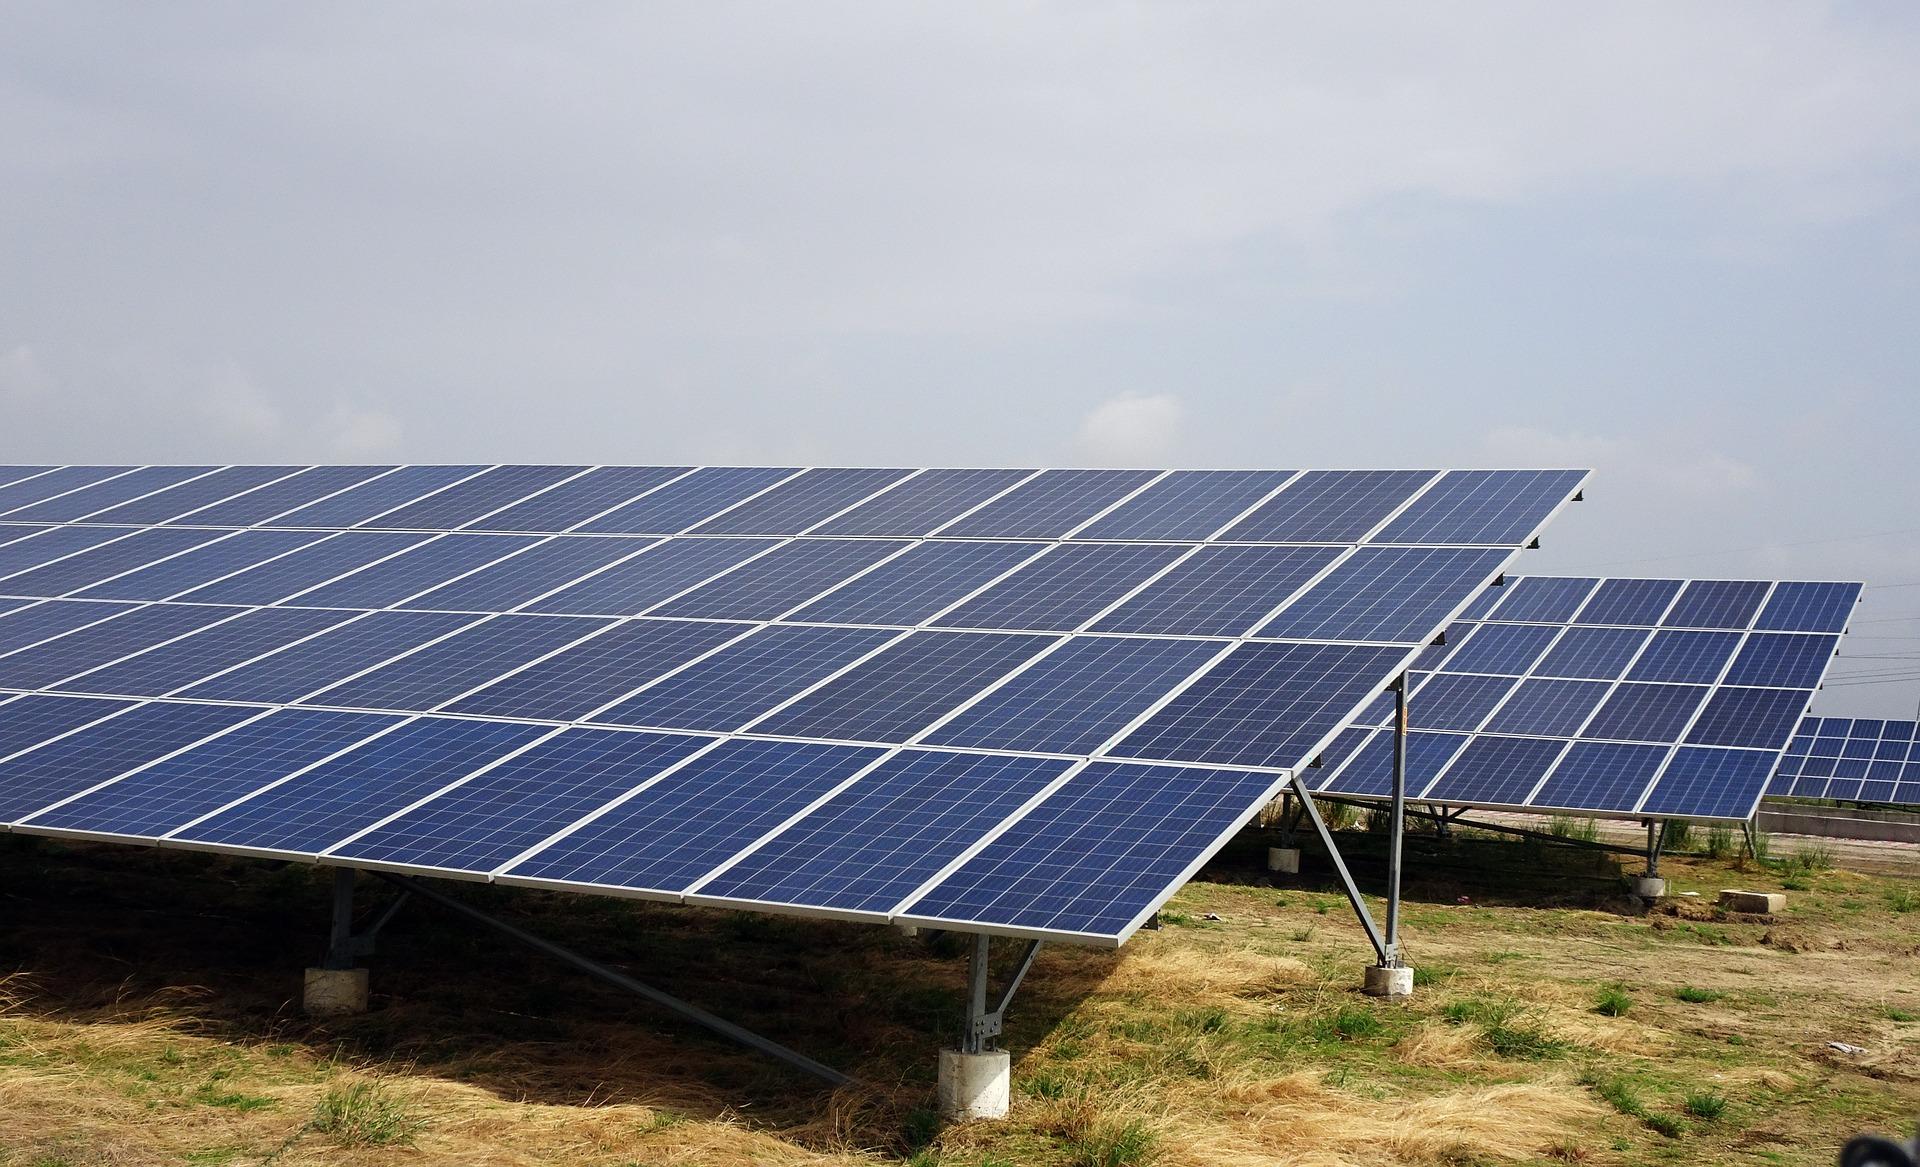 La révision des tarifs solaires, fin du Photovoltaïque ?